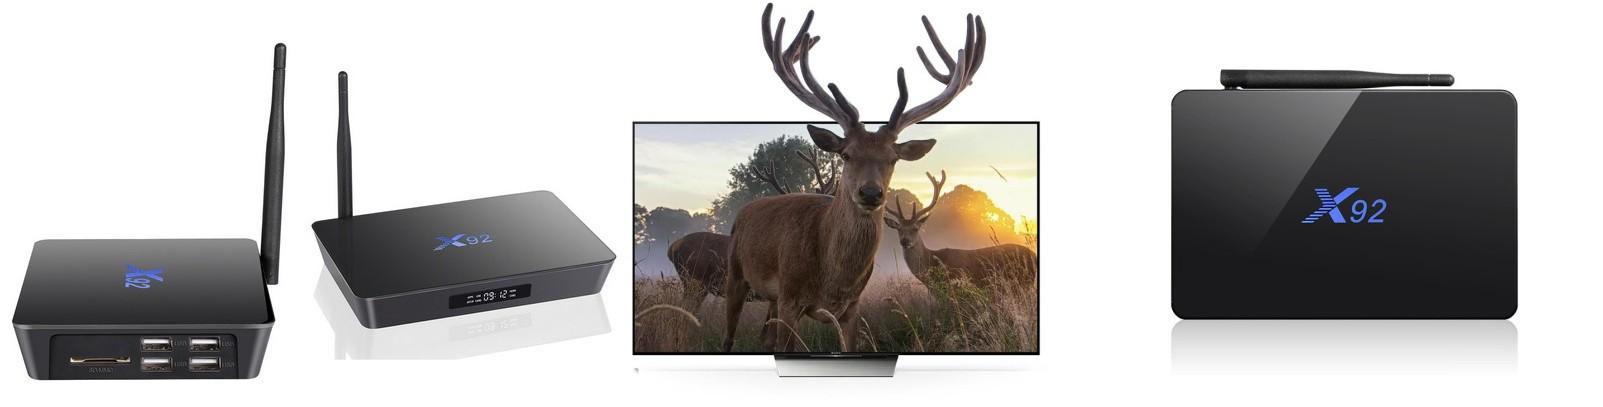 X92 S912 Smart TV приставки Android (настроенные)